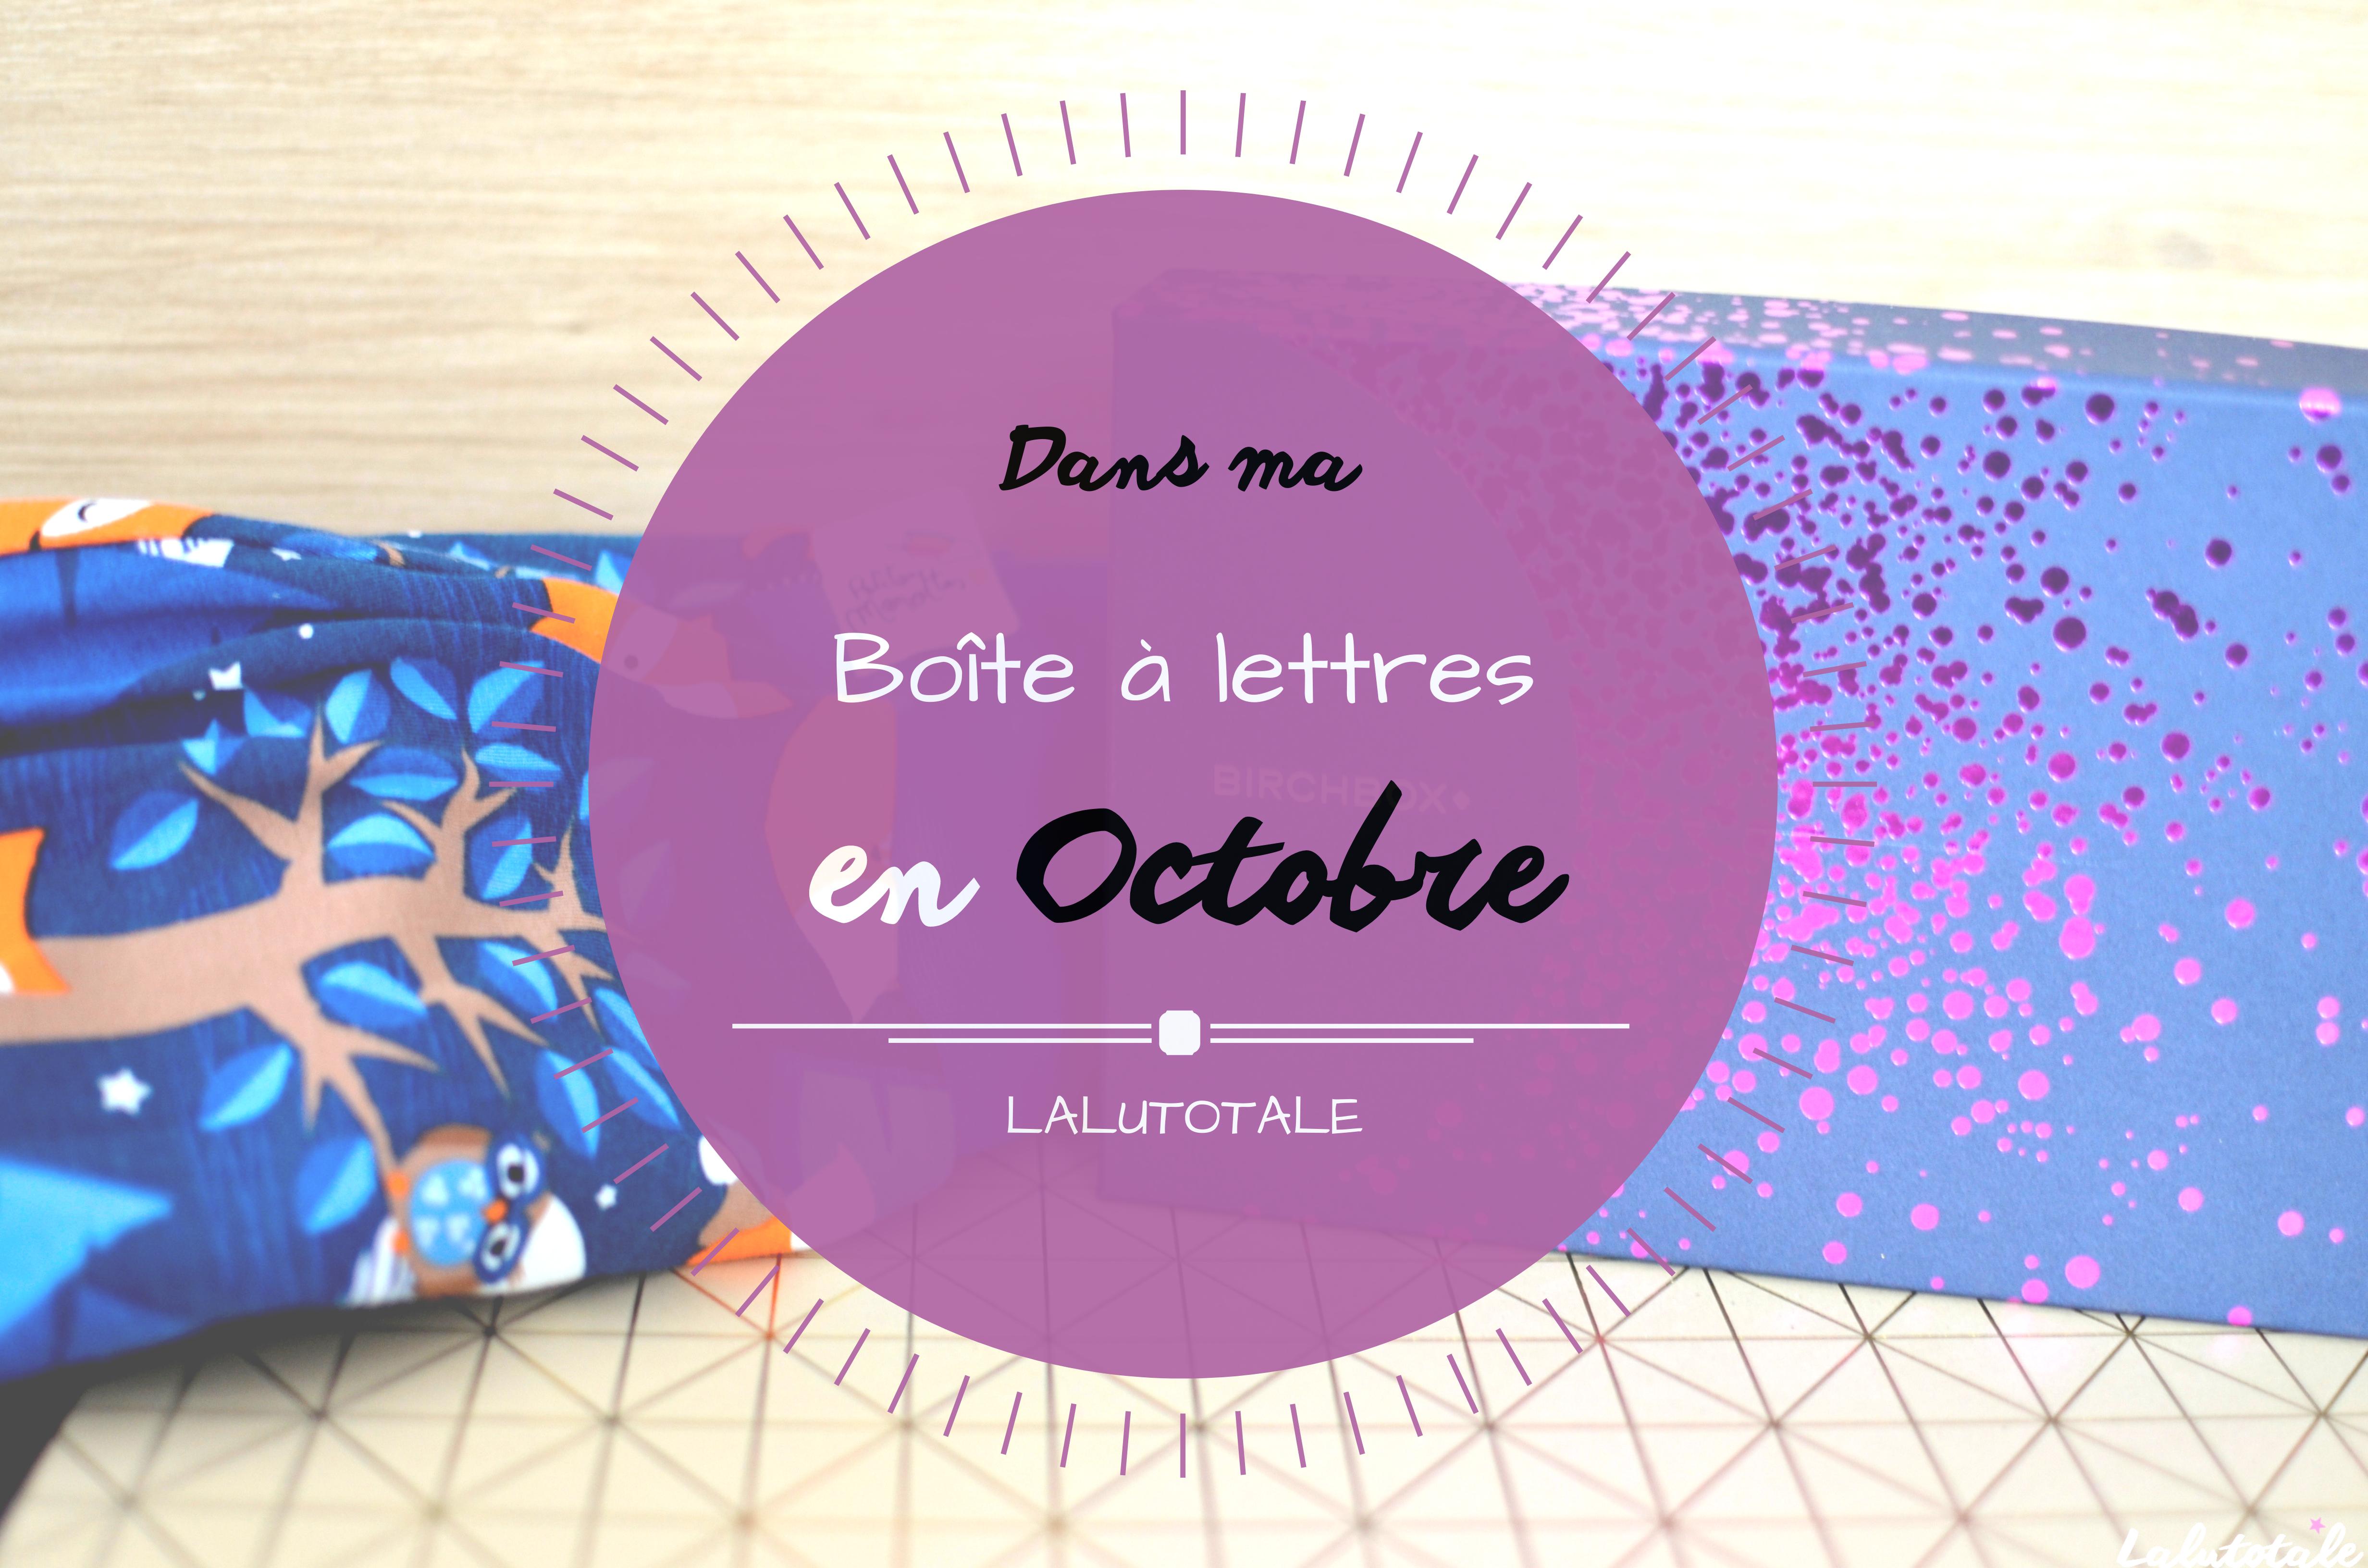 Haul les coeurs en Octobre ! Boîte à lettres et résumé du mois 📬.